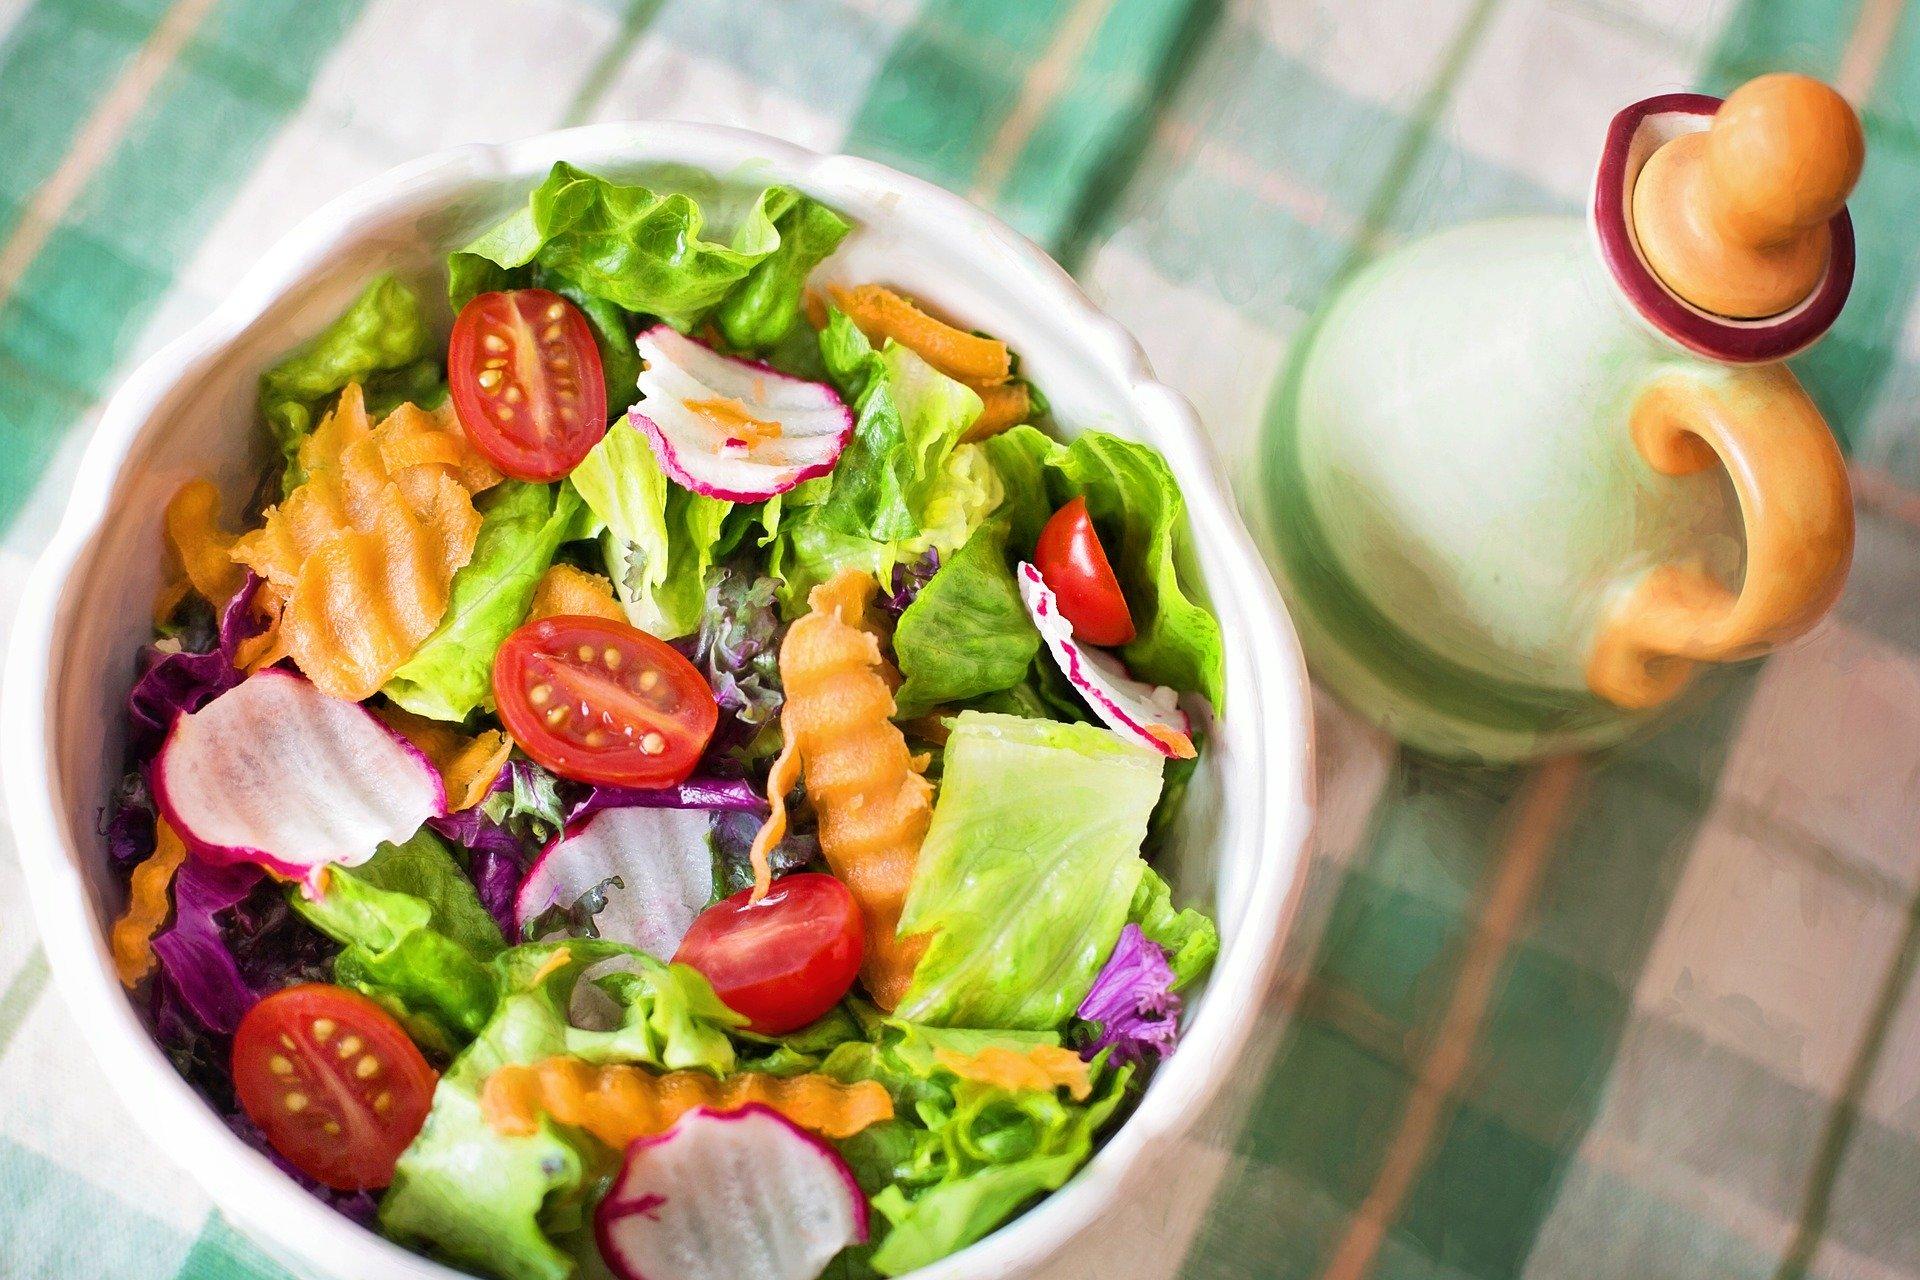 salad-791891-192000321ECE-22C4-04EC-4BF9-B61B90BB66C3.jpg